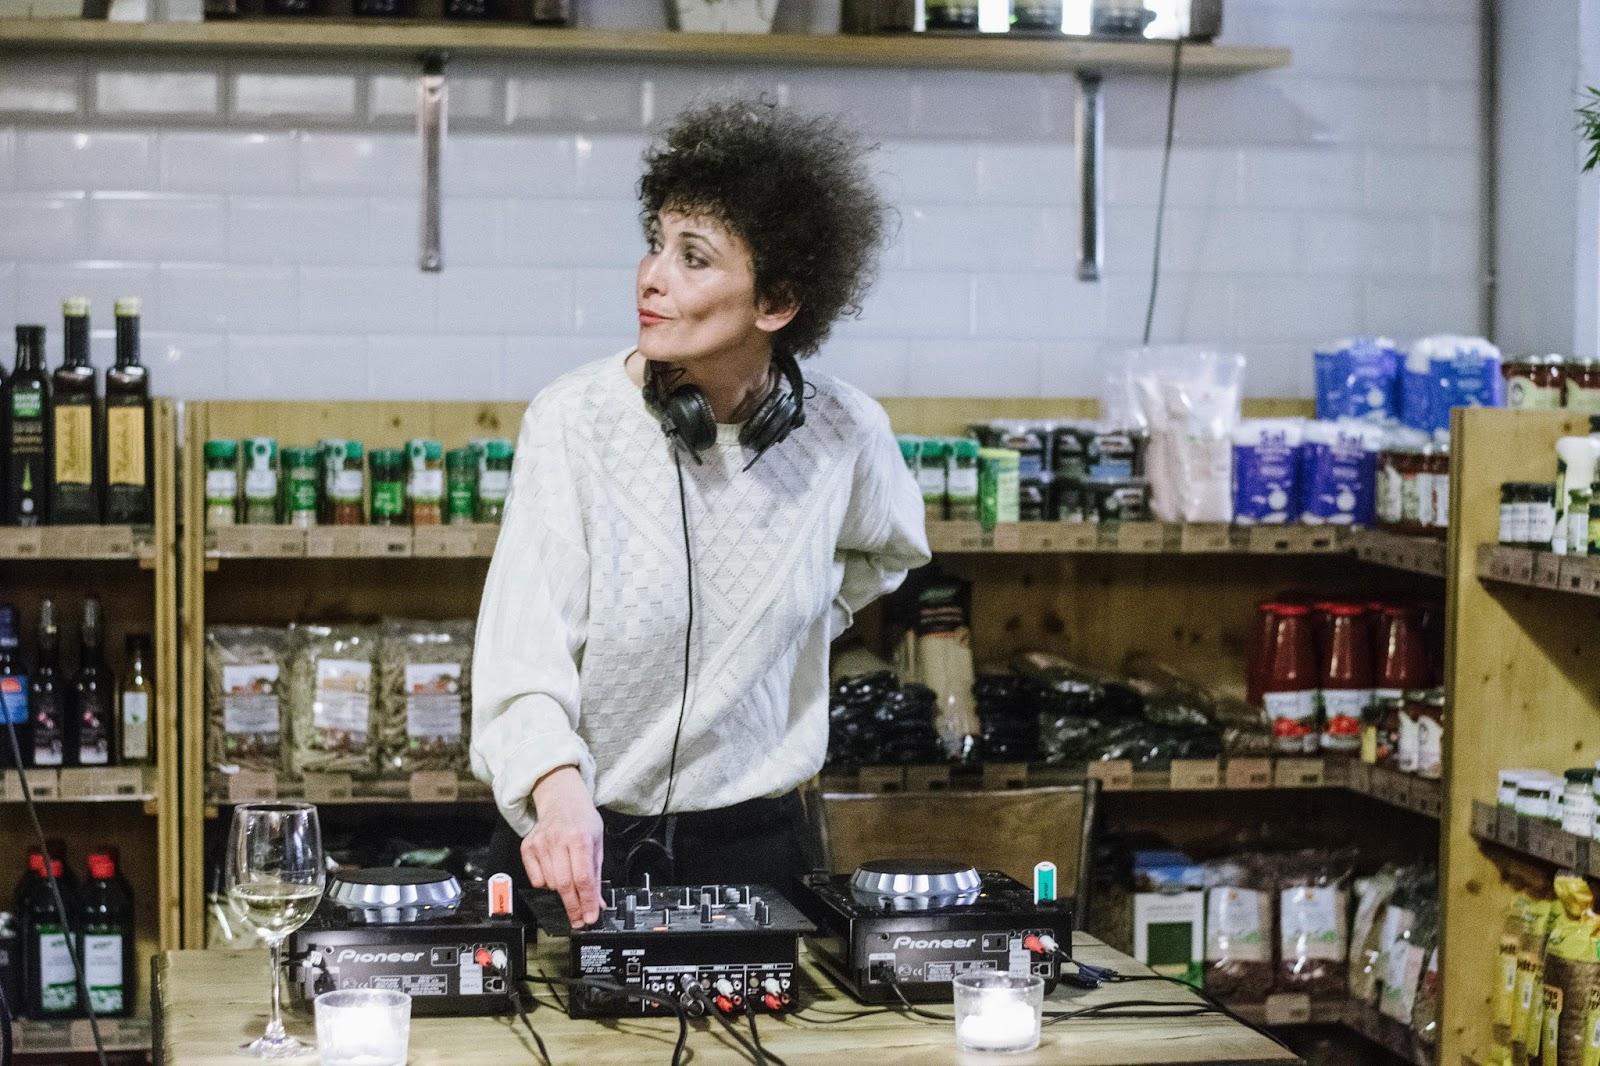 Woki Organic Market chef Iolanda Bustos